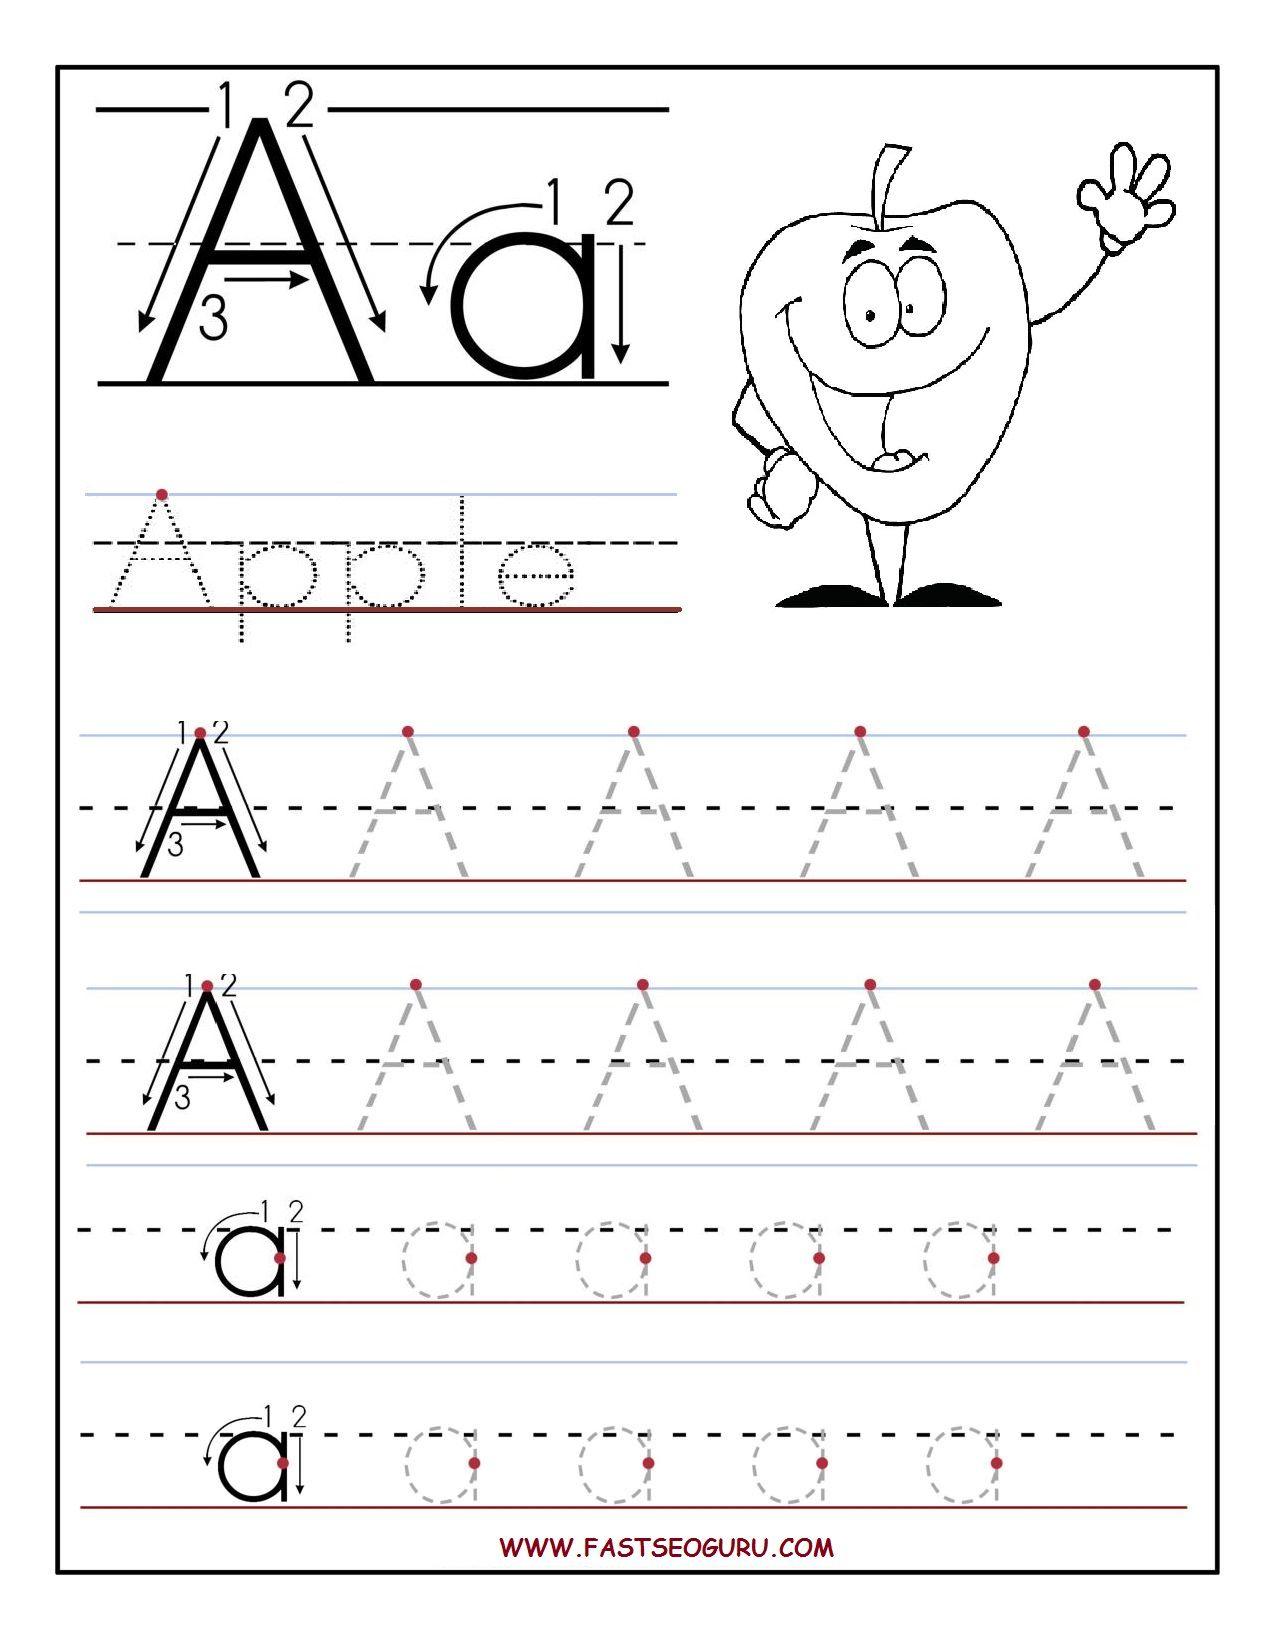 B>Free</b> <B>Printable</b> Letter A Tracing <B>Worksheets</b - Free Printable Traceable Letters